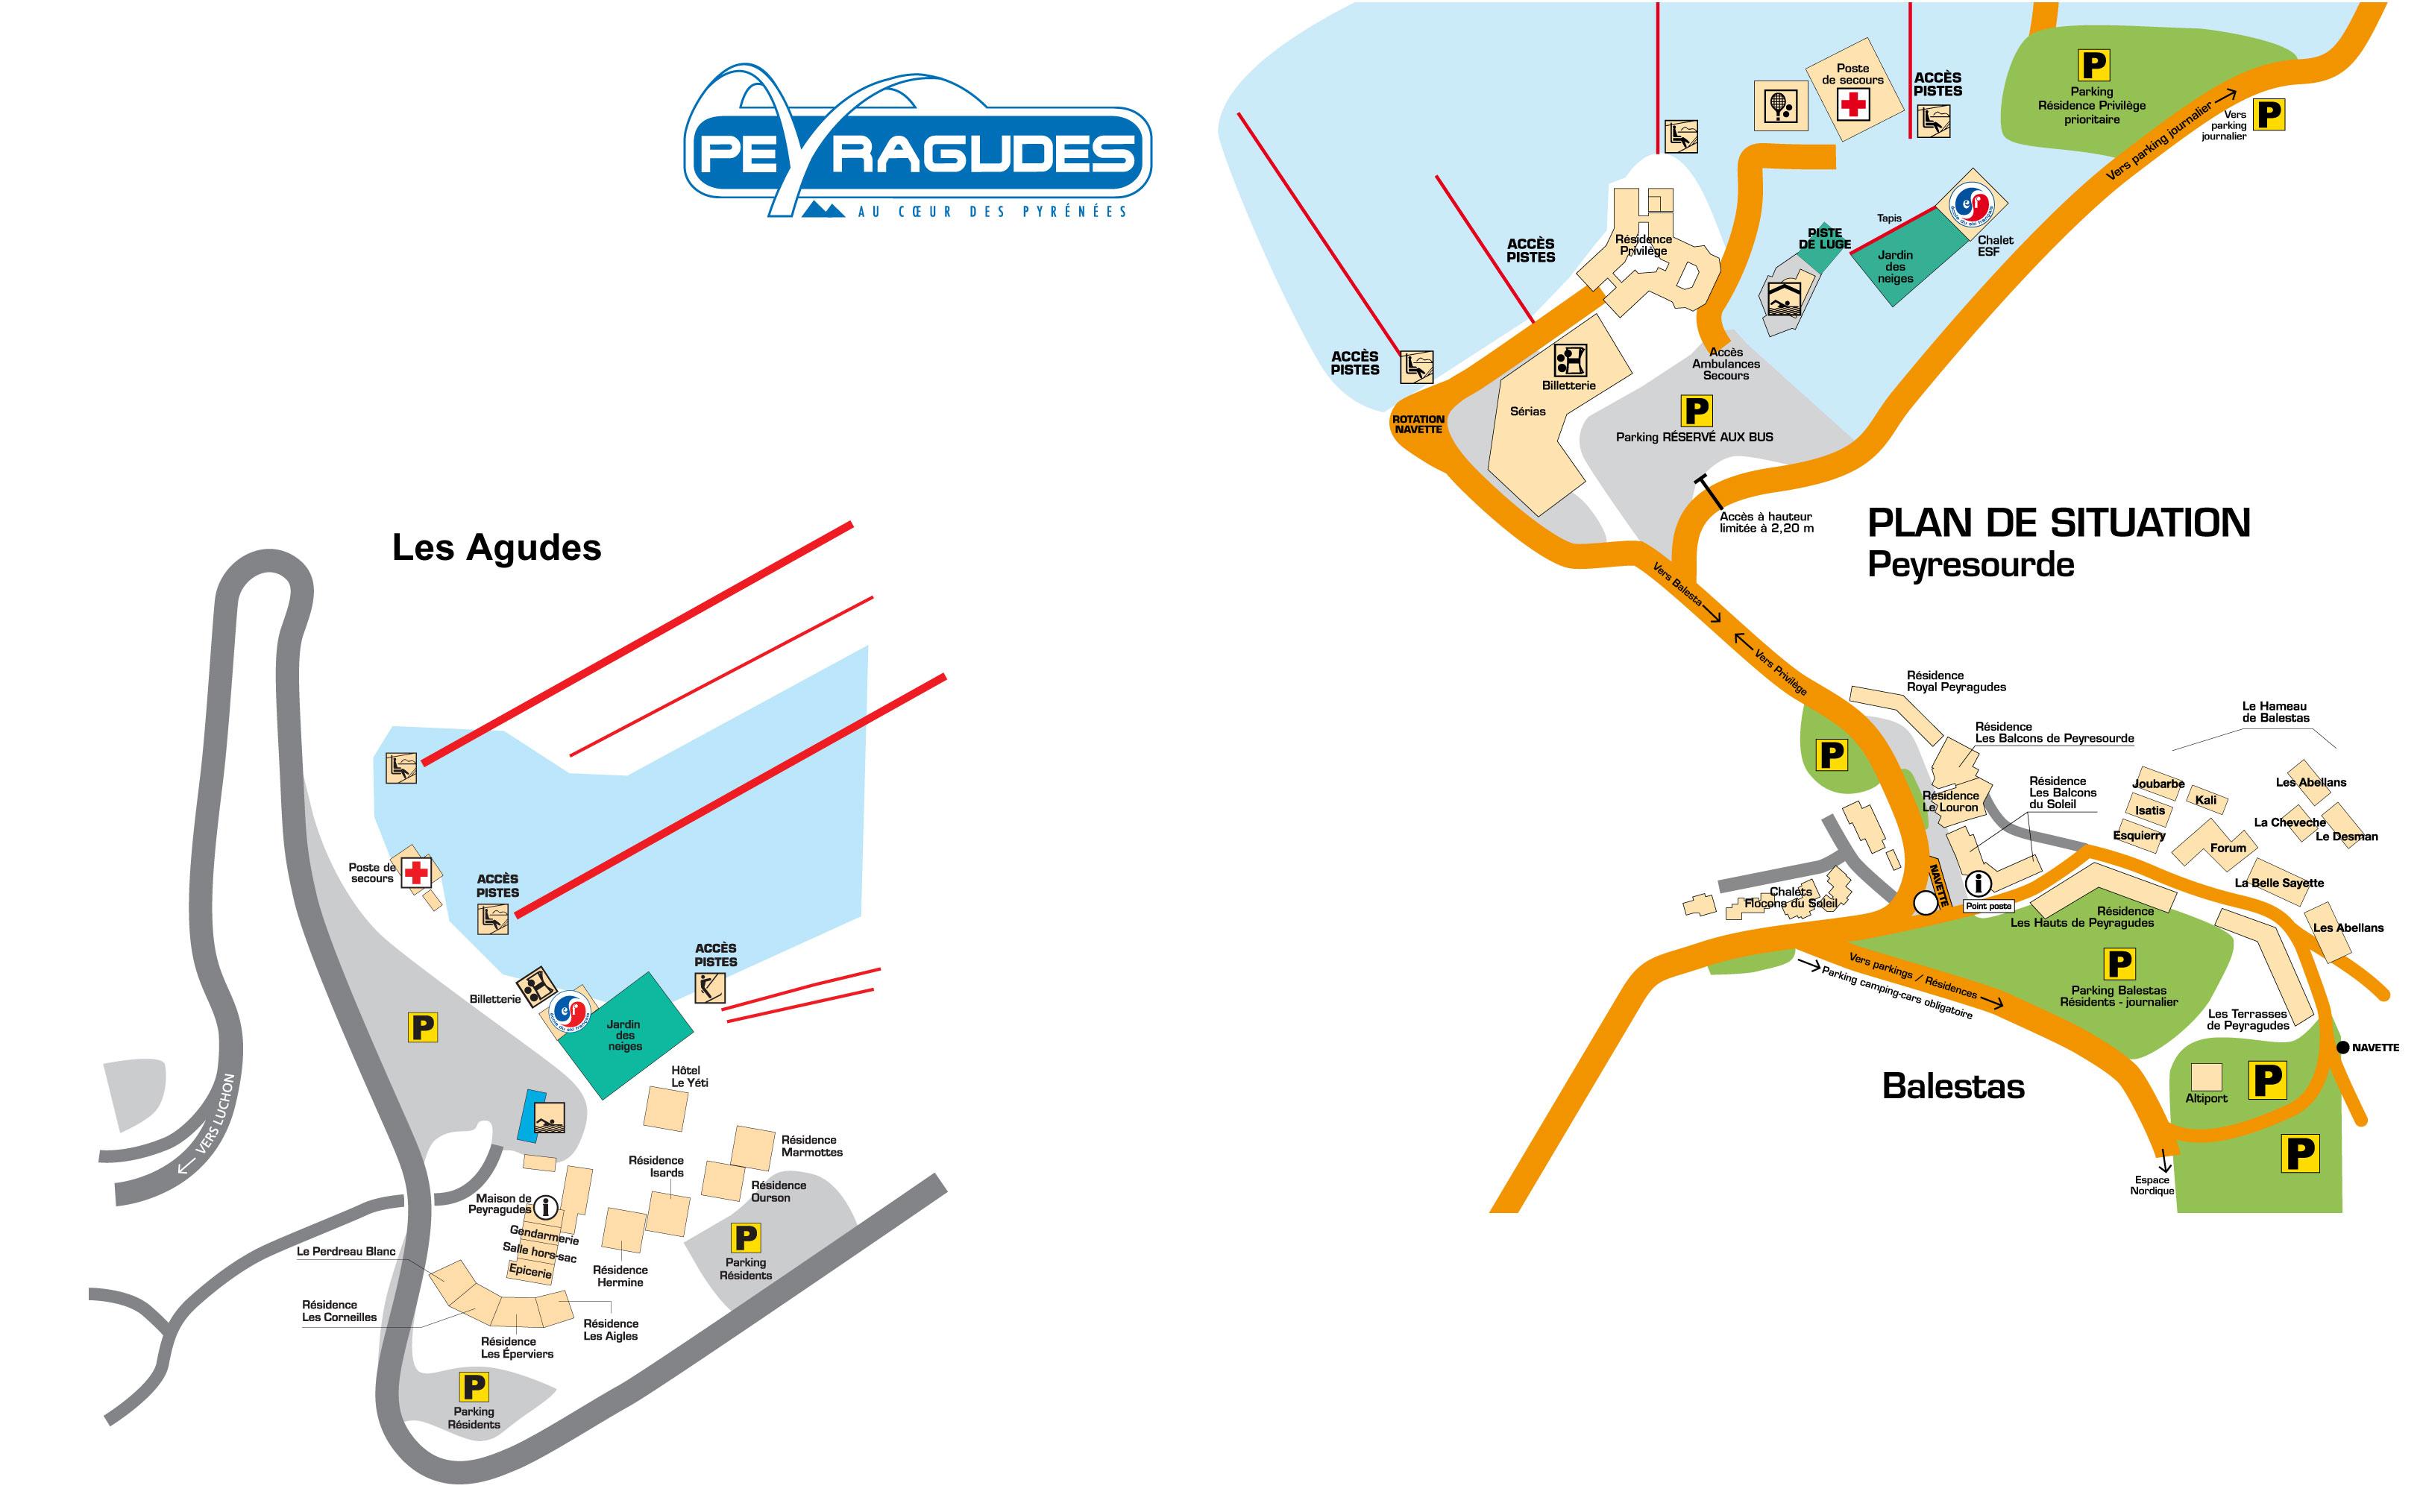 Plan d'accès Peyragudes